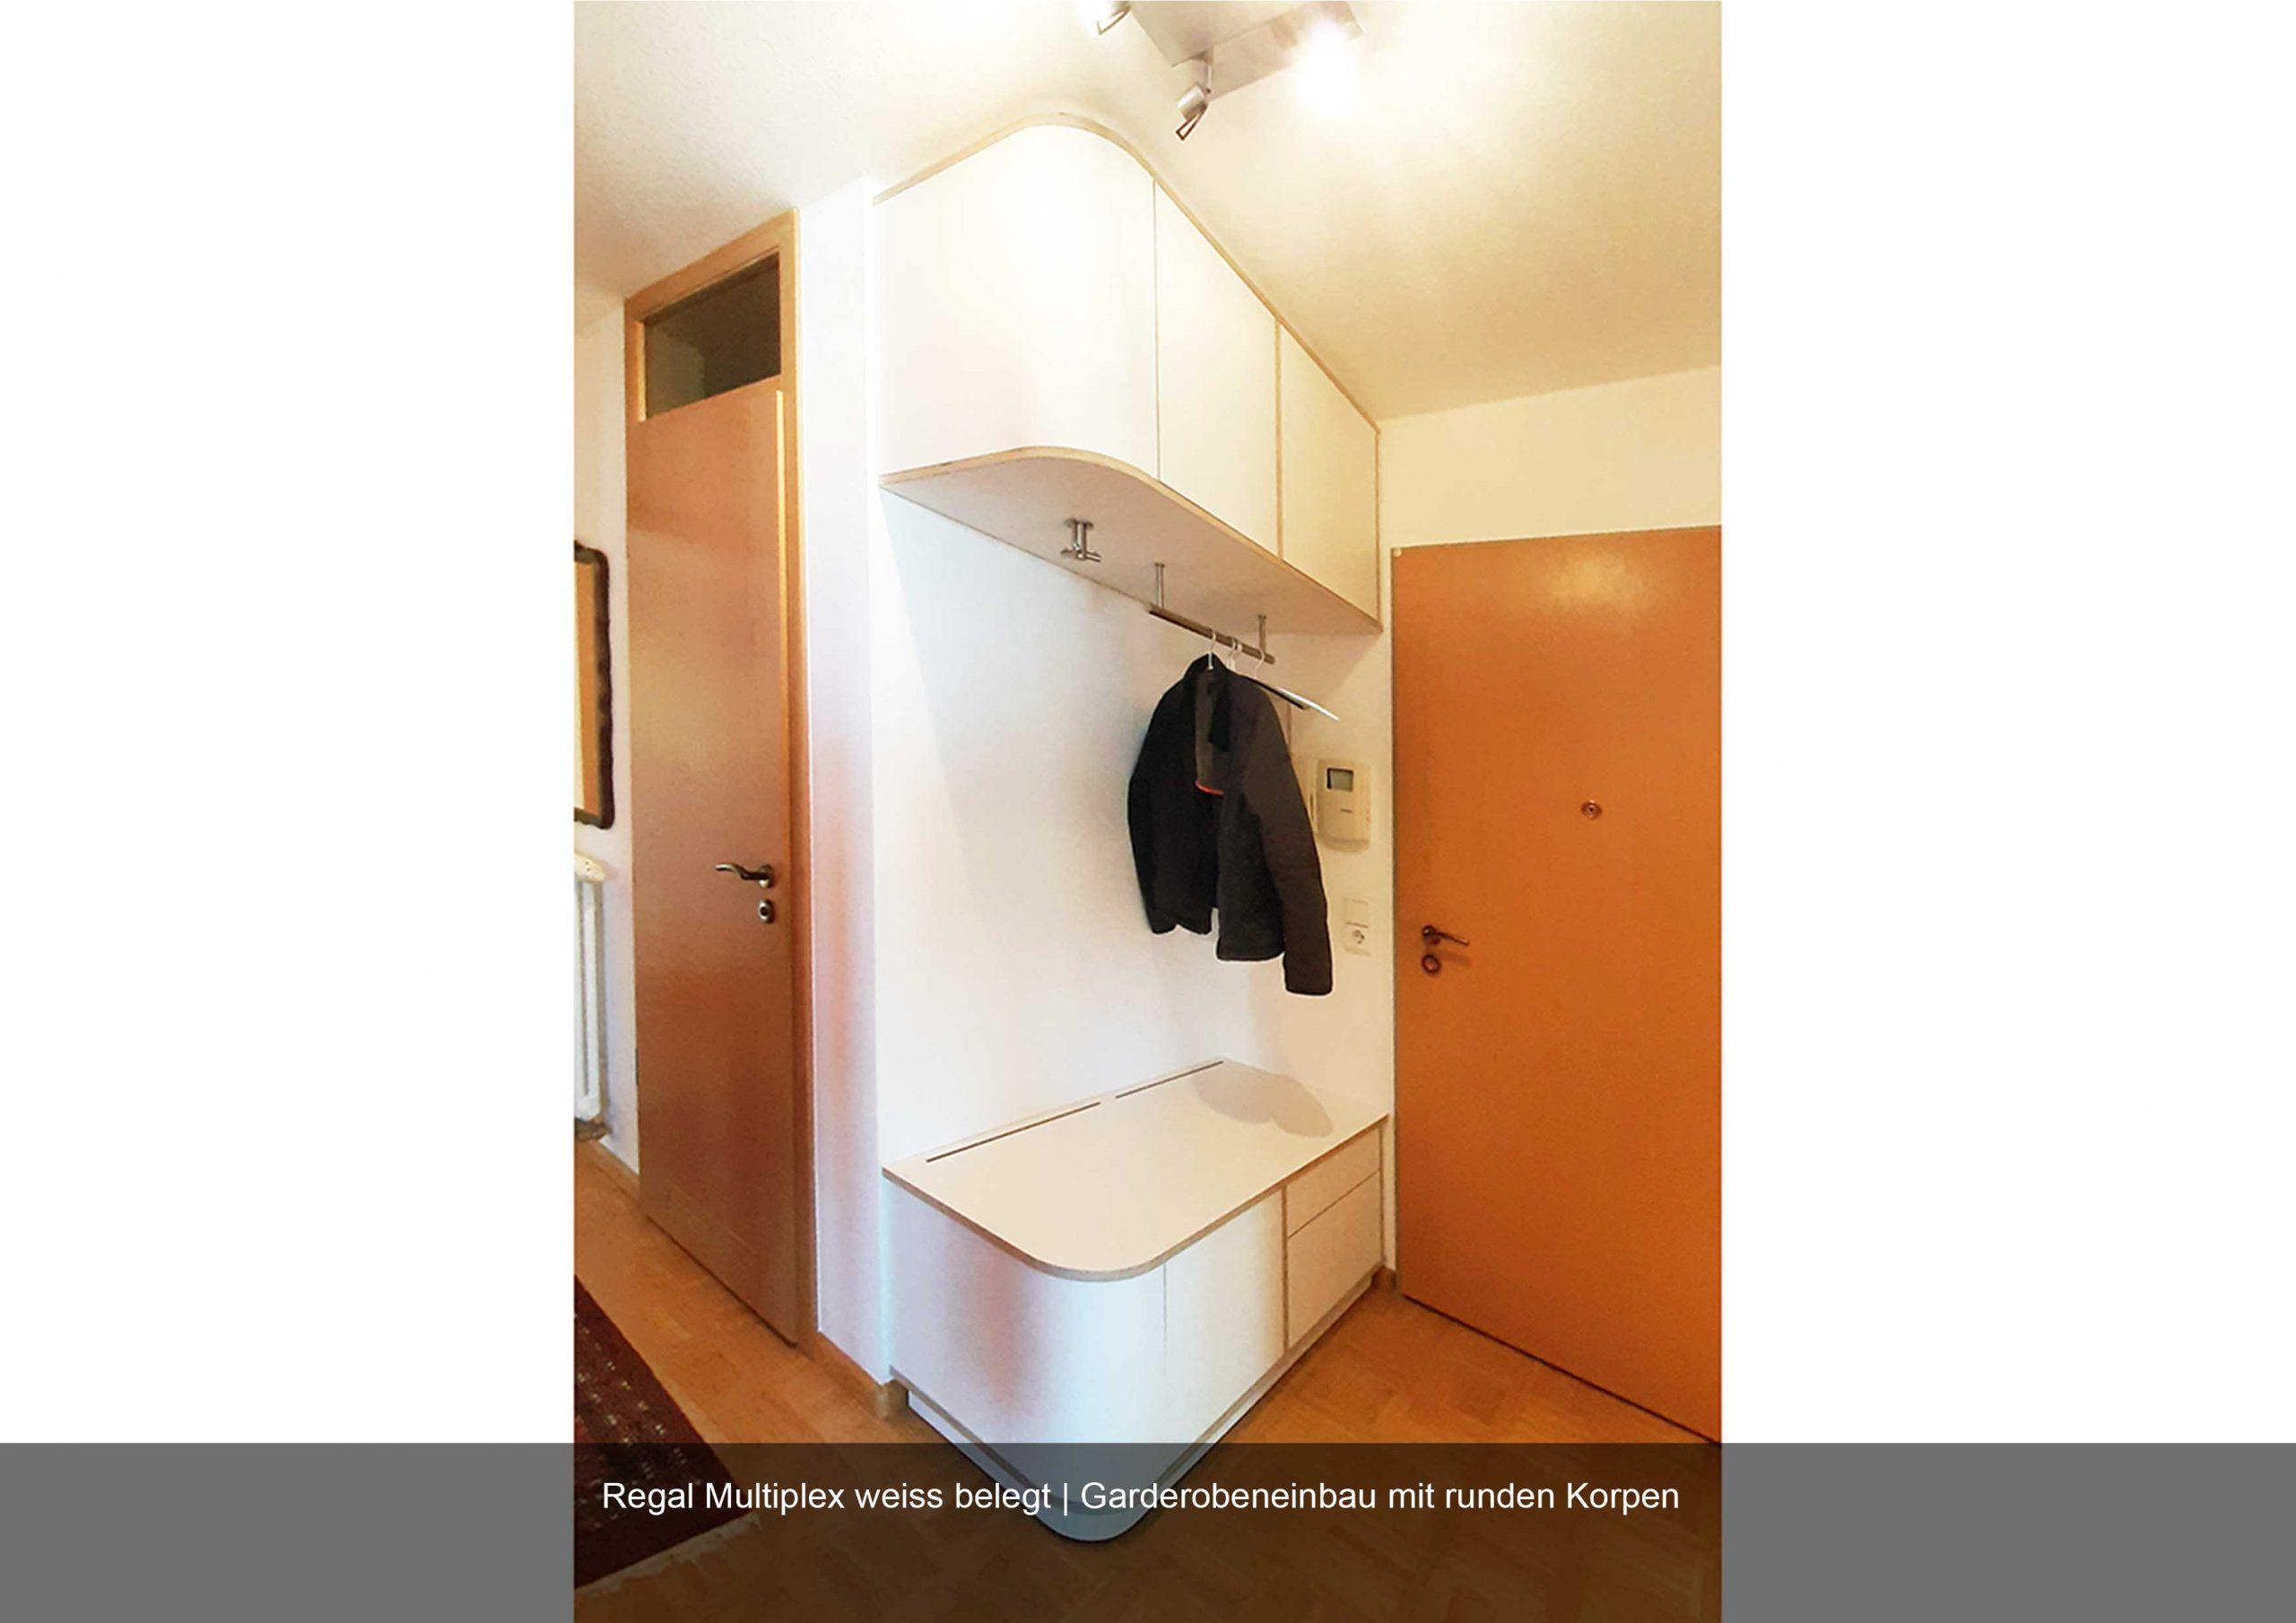 Garderobe weiss Massanfertigung Regal rund Multiplex